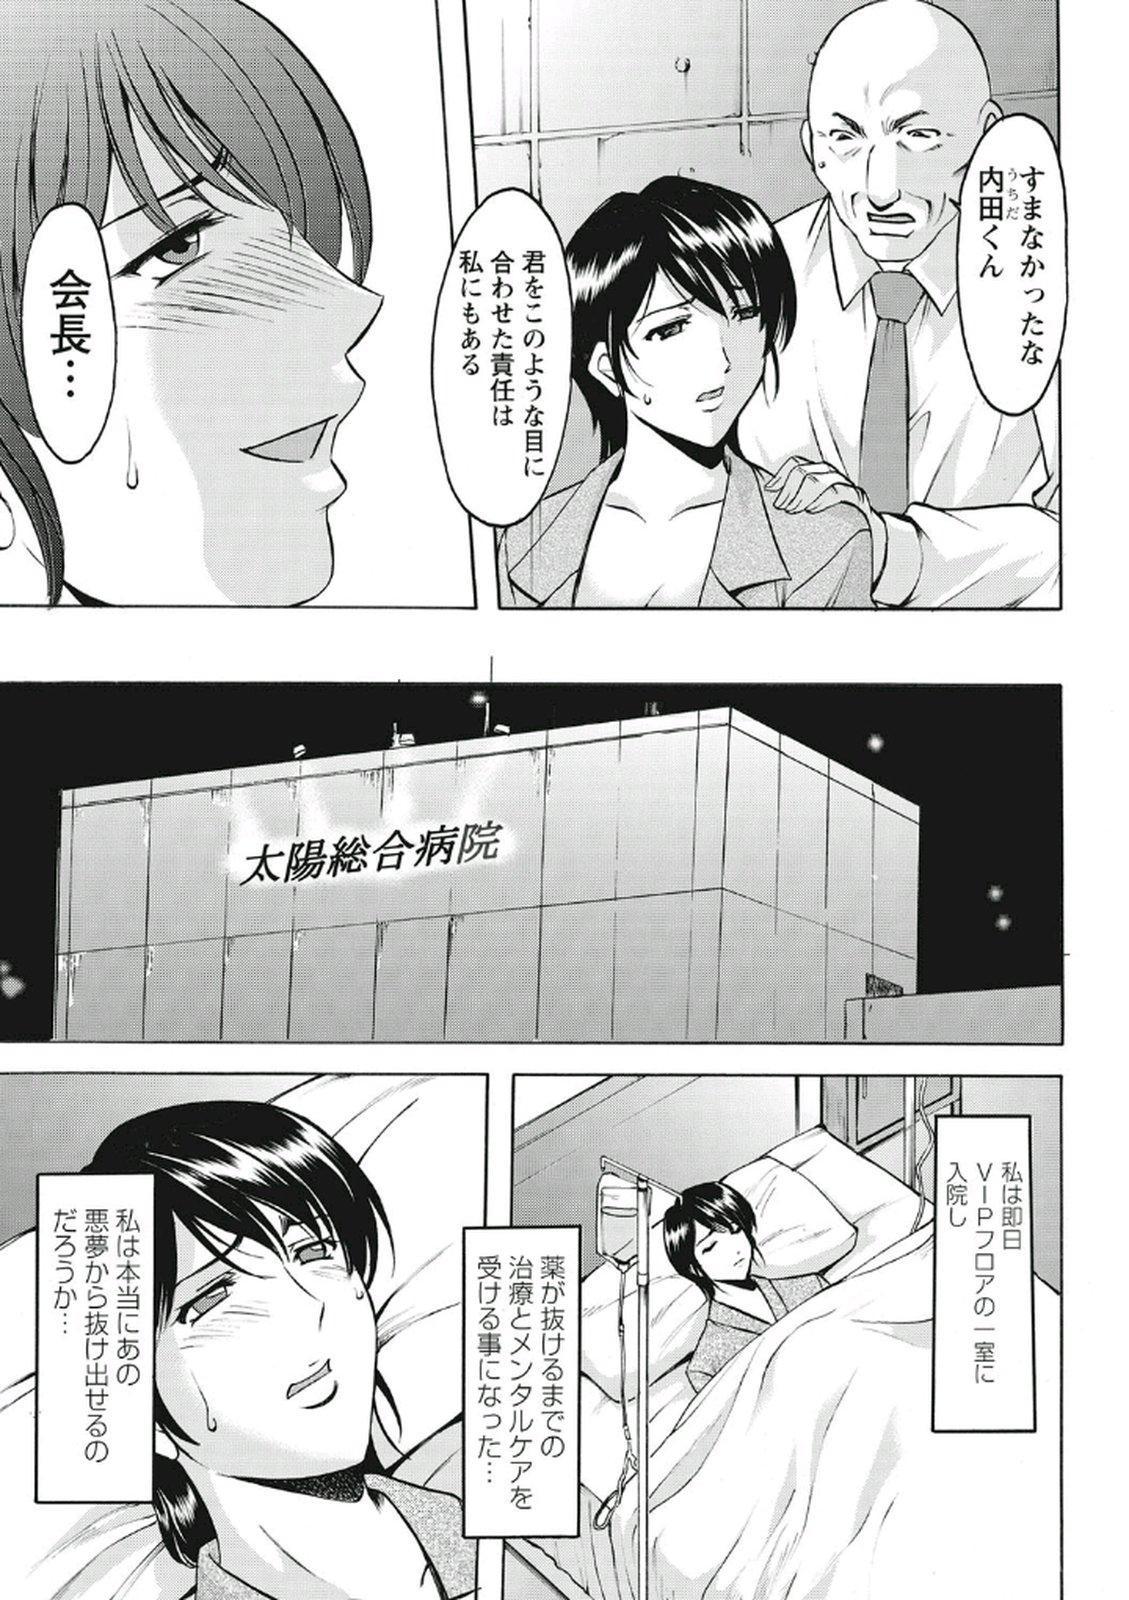 Chijoku Byoutou 182